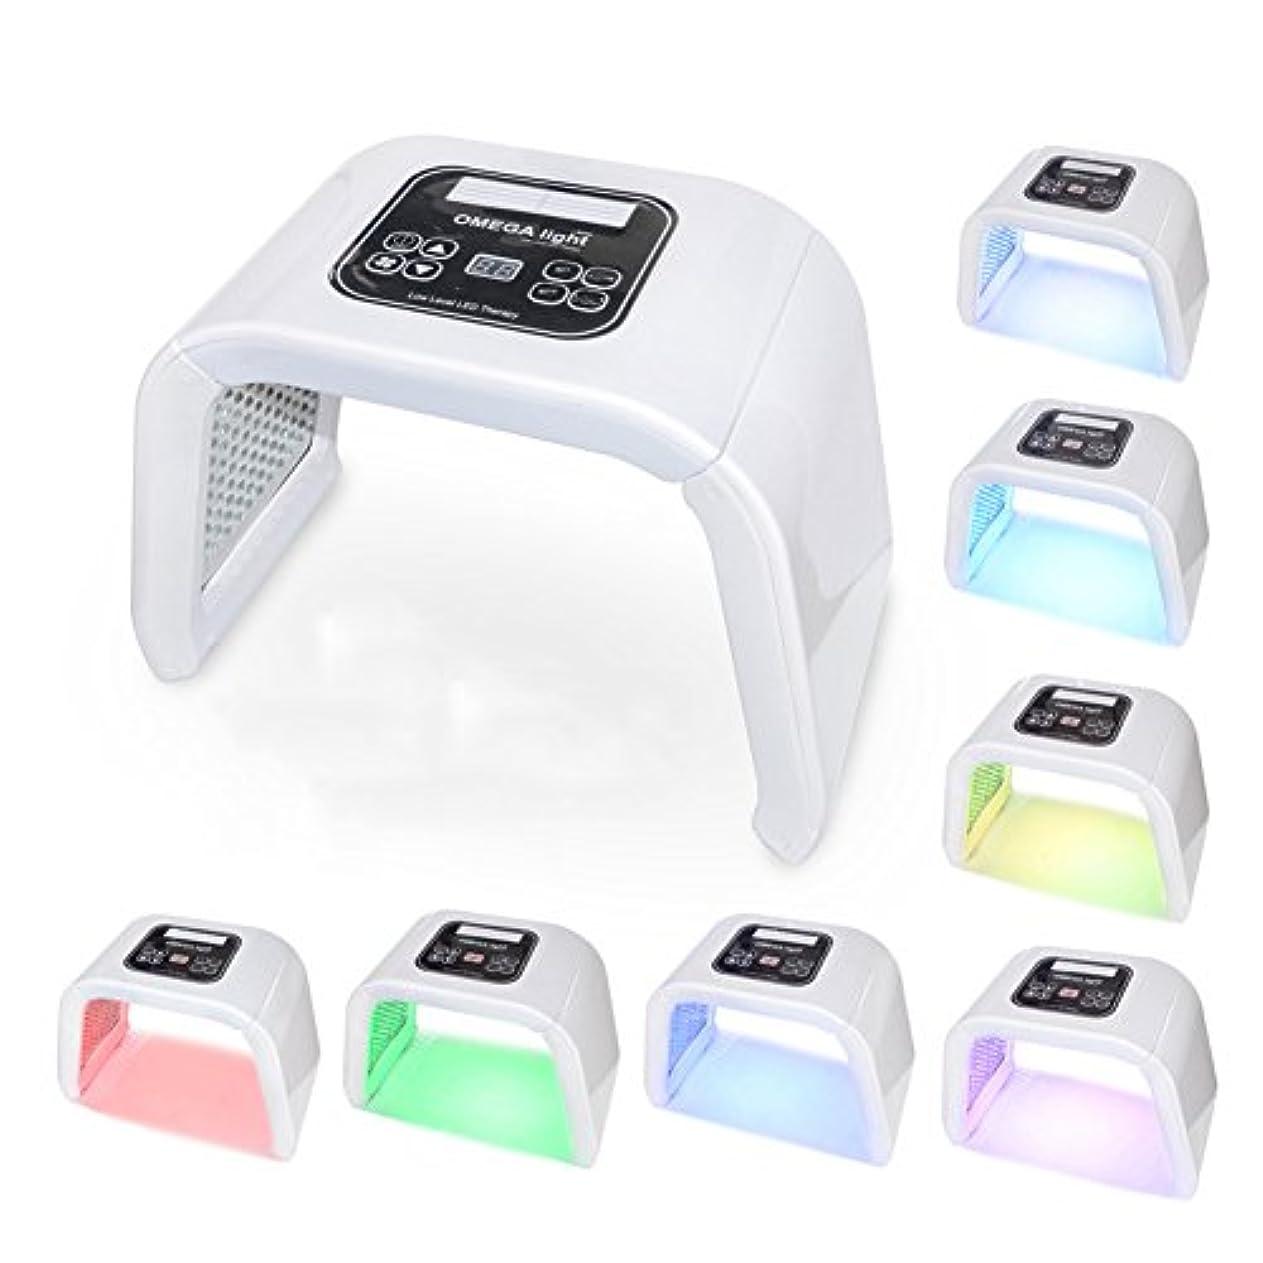 発疹呼吸引退した光子治療器7色ライトニキビ美容器具,White